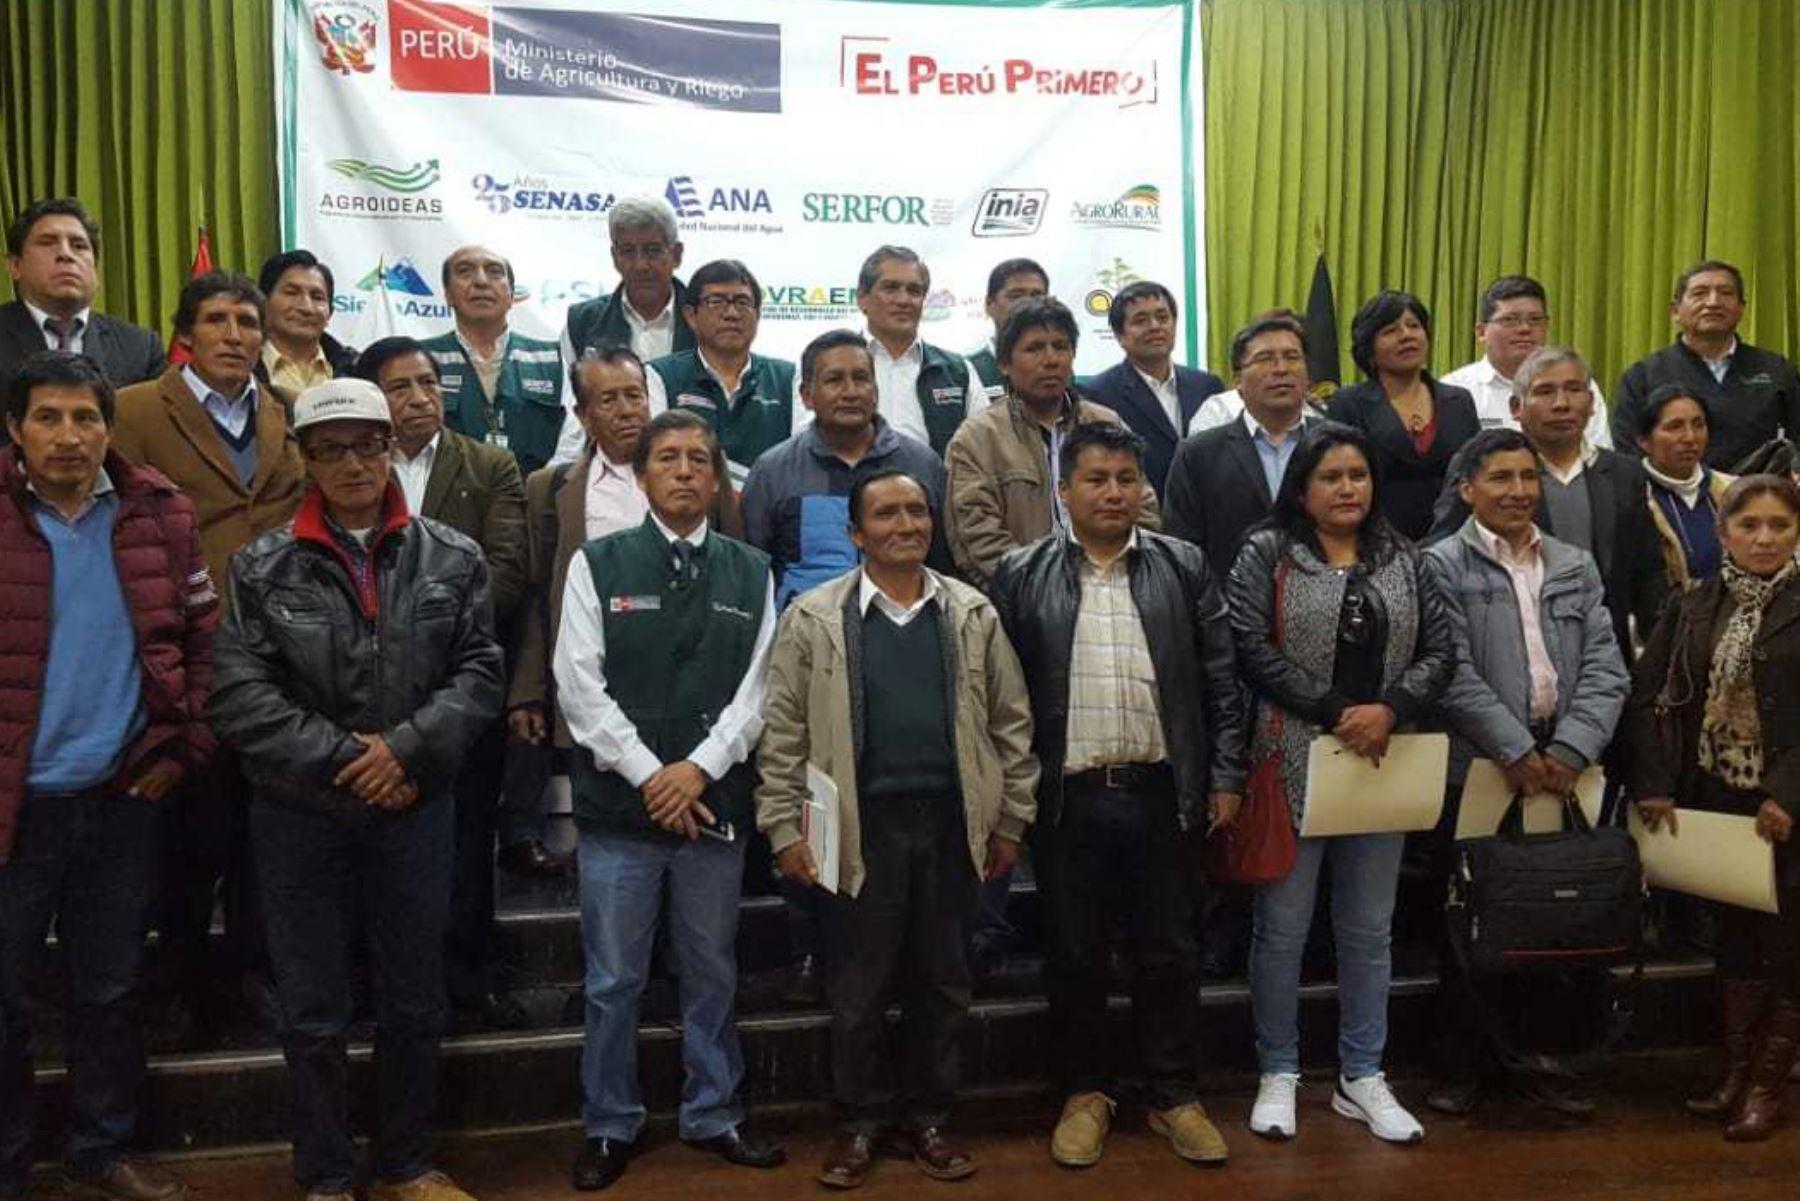 Agro Rural y alcaldes de Junín articulan estrategias para fortalecer capacidades